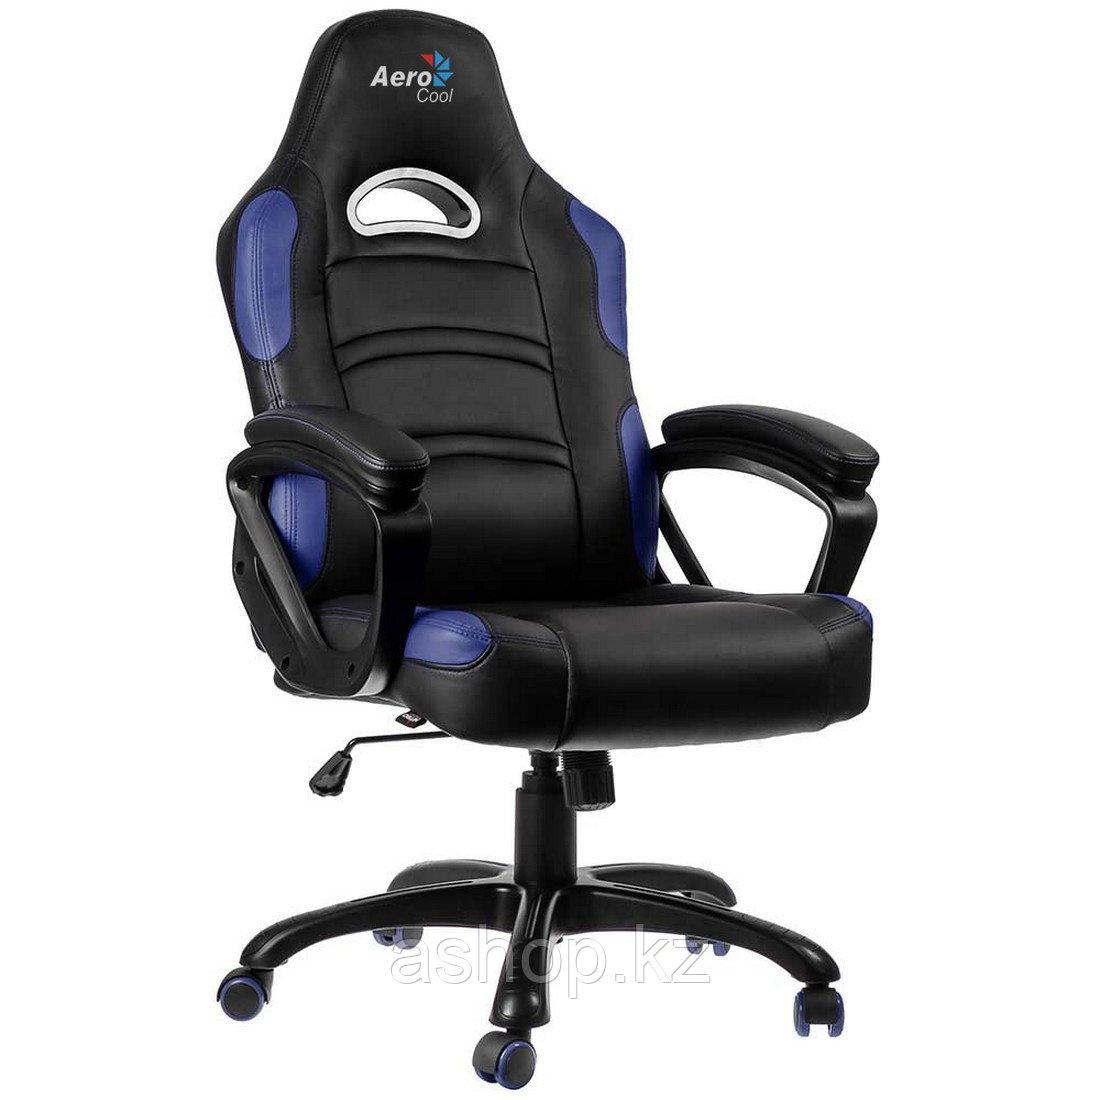 Кресло игровое AeroCool AC80C AIR, Нагрузка (max): 130 кг, Подлокотники, Подголовник, Вентиляция, Цвет: Чёрно-